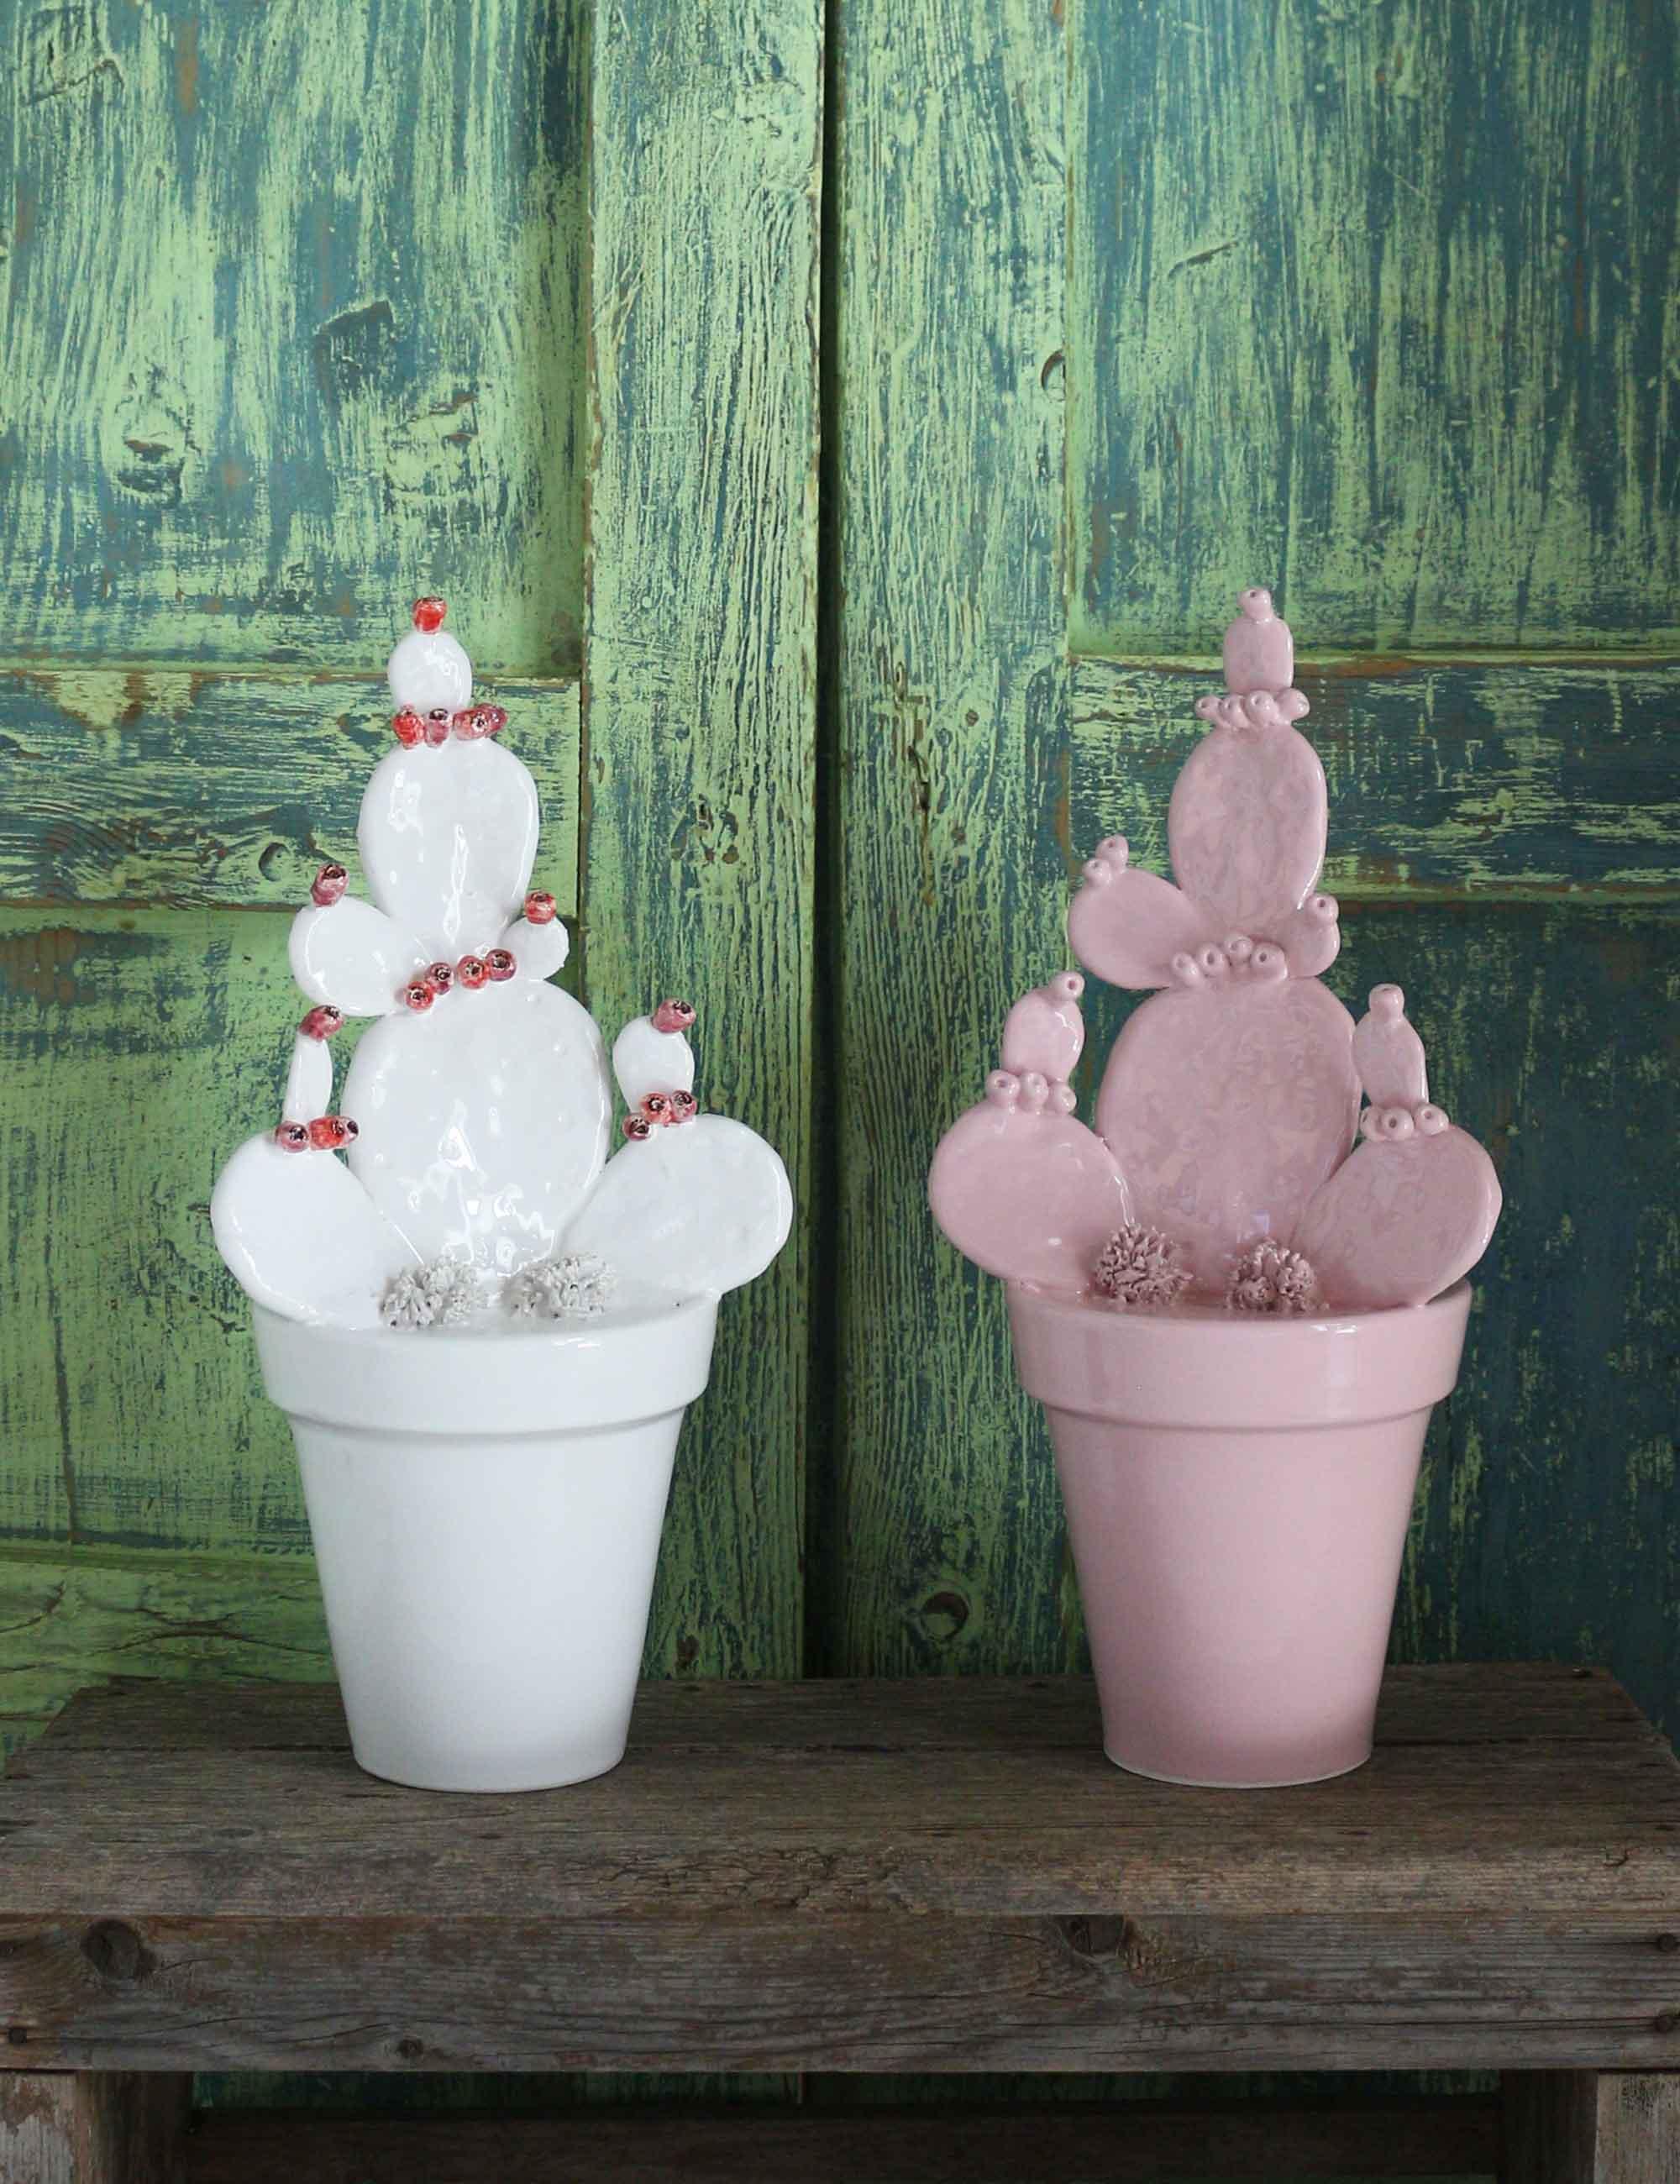 Vasi ceramica tradizionale siciliana complementi d'arredo moderni decorazioni fichi d'India